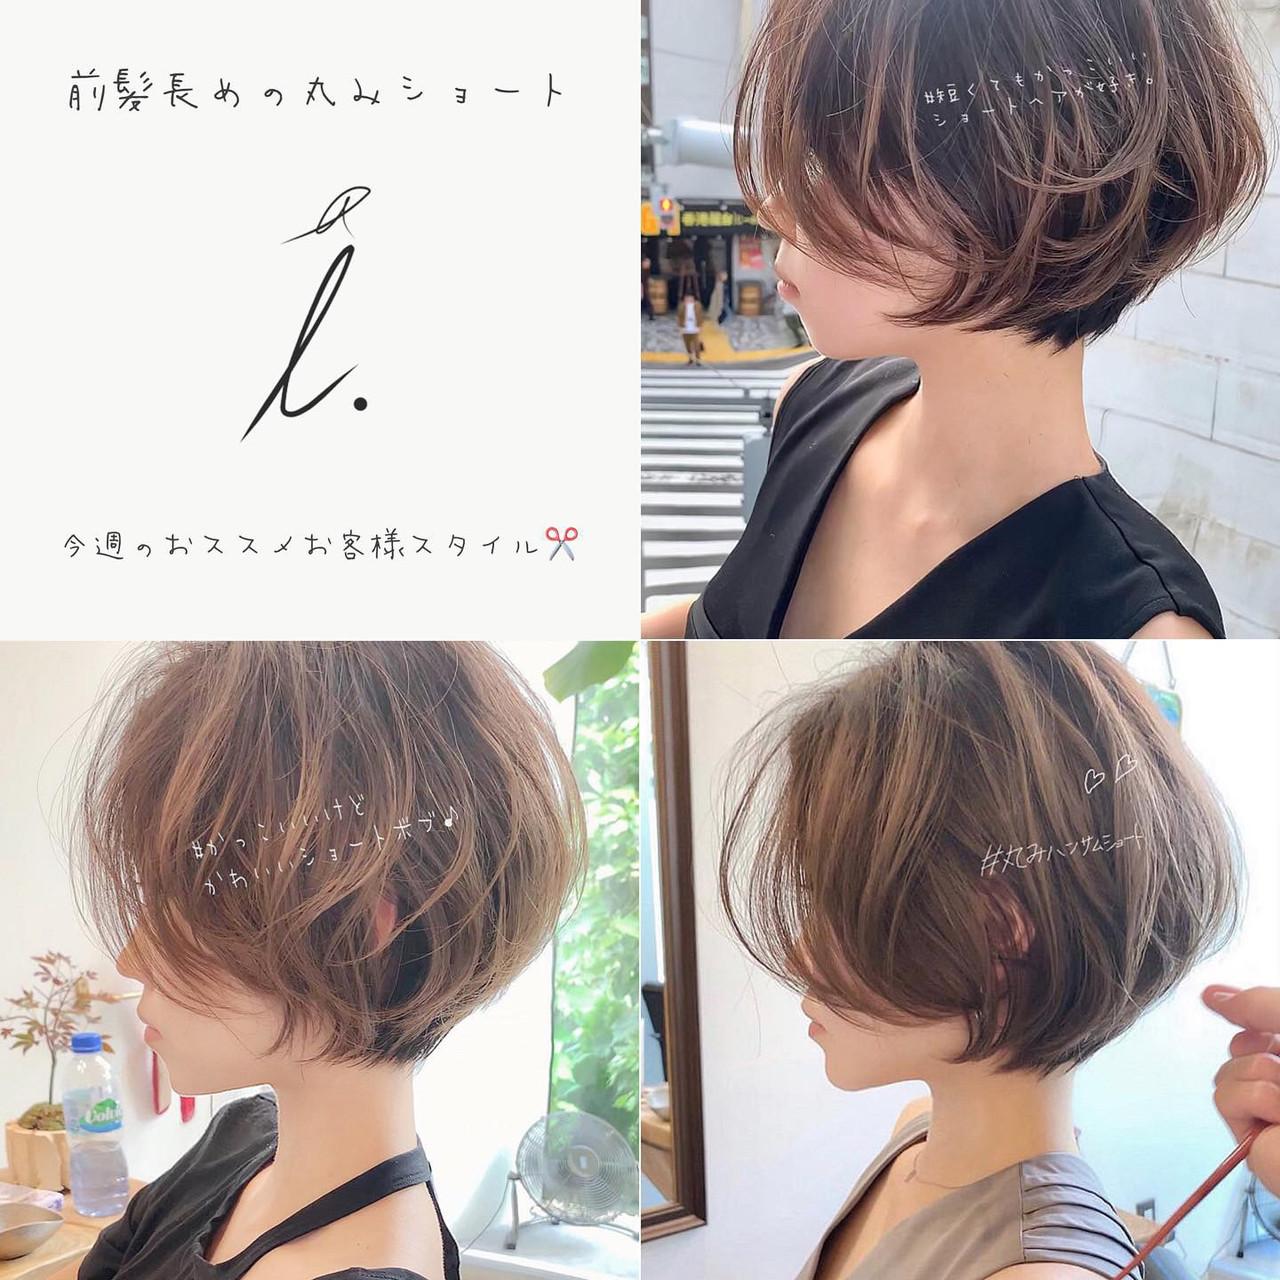 ショートヘア ショートボブ 大人かわいい ゆるふわ ヘアスタイルや髪型の写真・画像